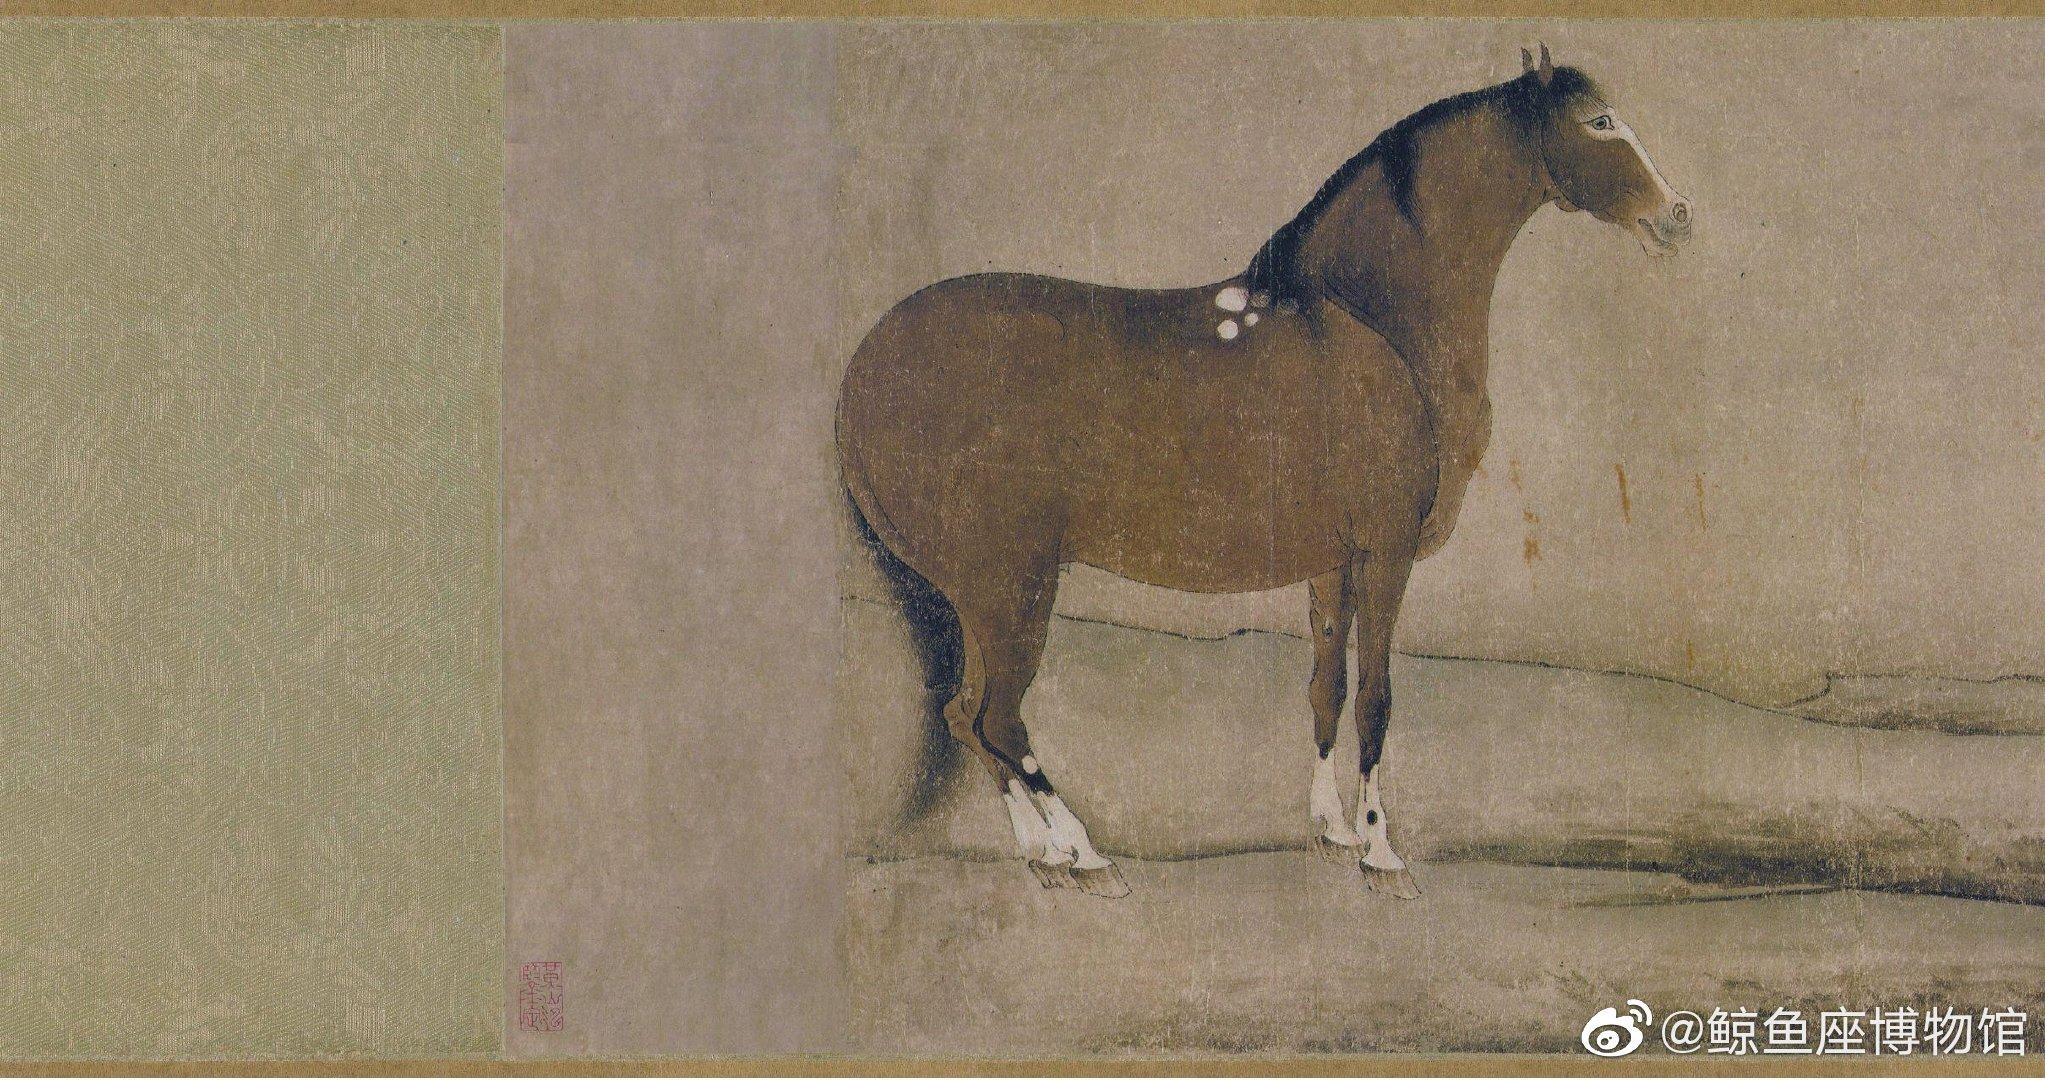 | 十六神骏图 | 唐 | 韩幹 | 手卷,纸本设色,27x333cm